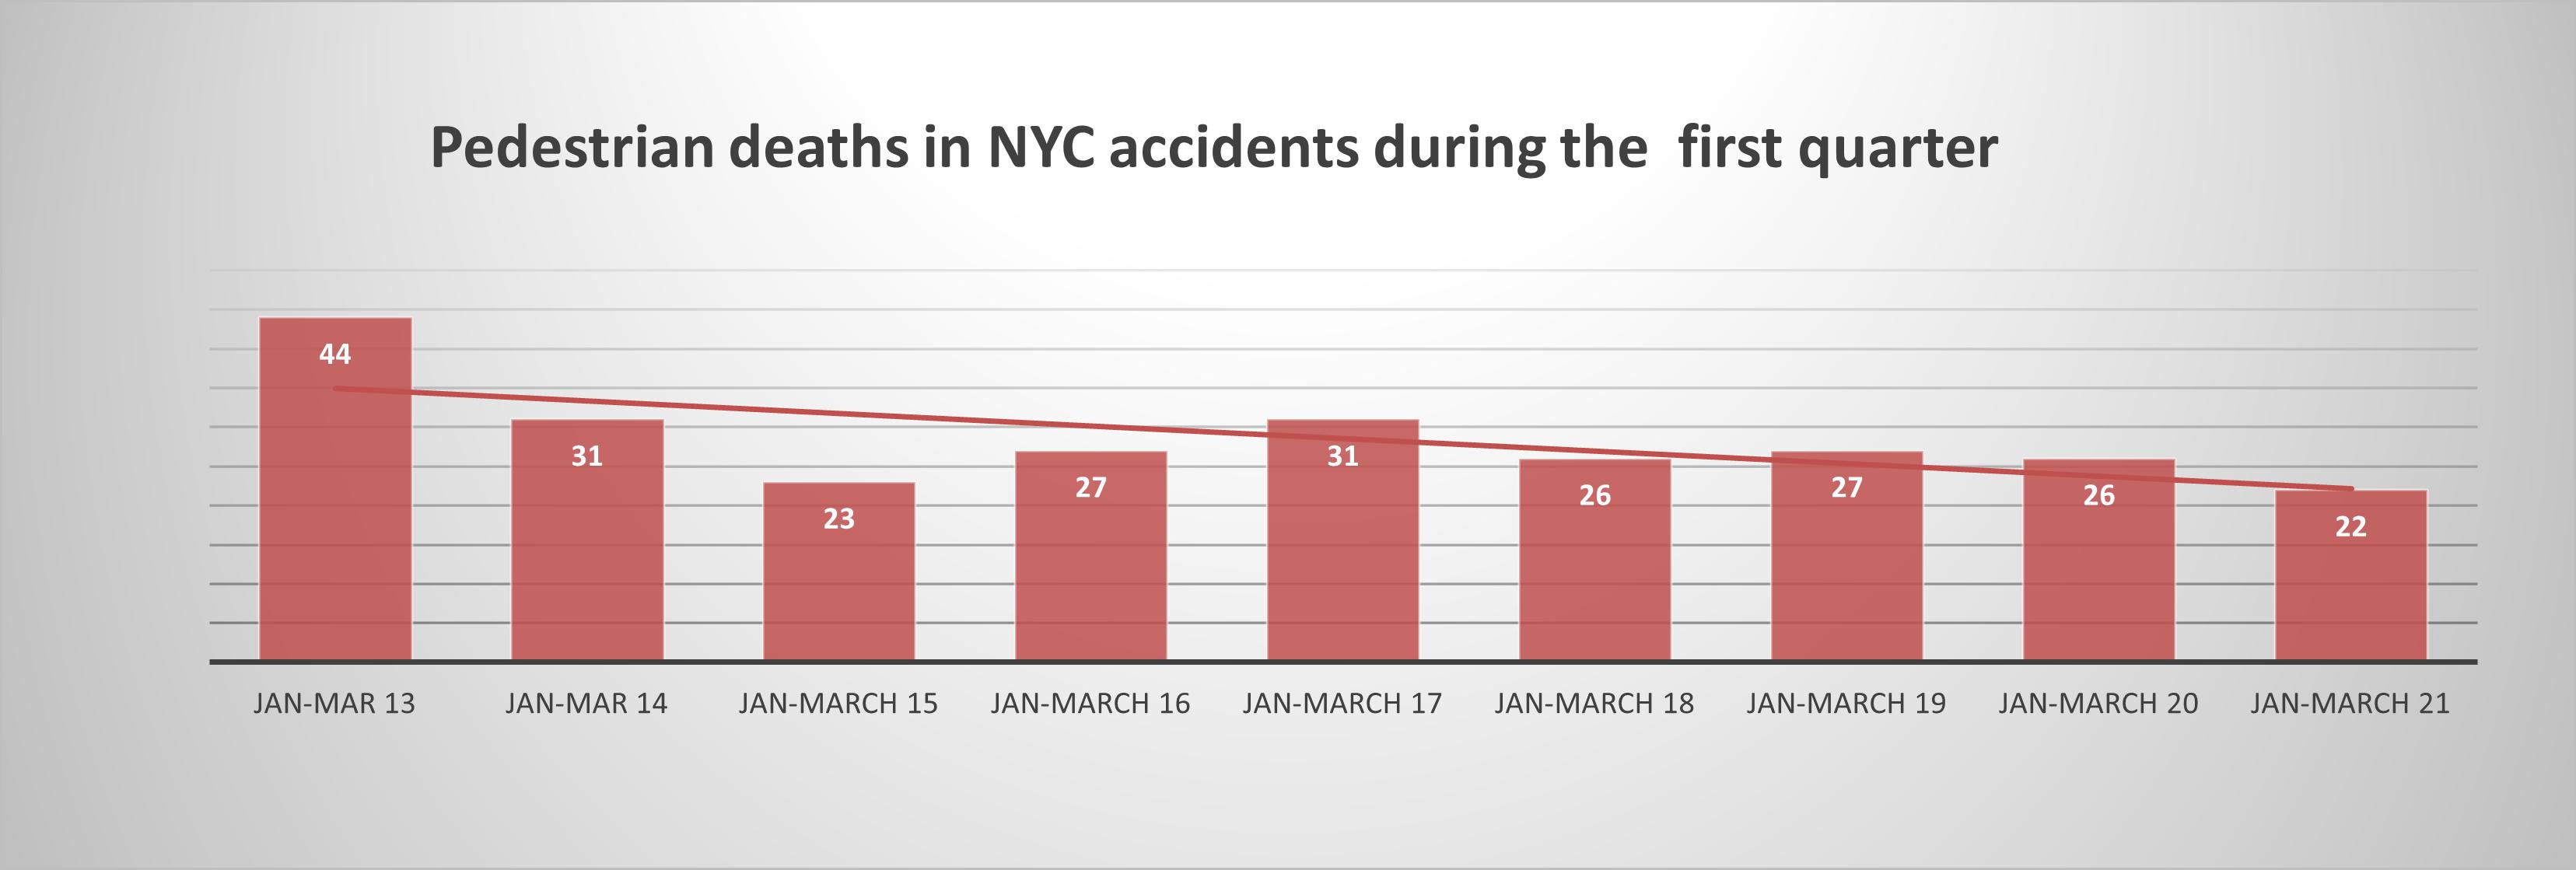 pedestrian accident deaths New York Q1 2021